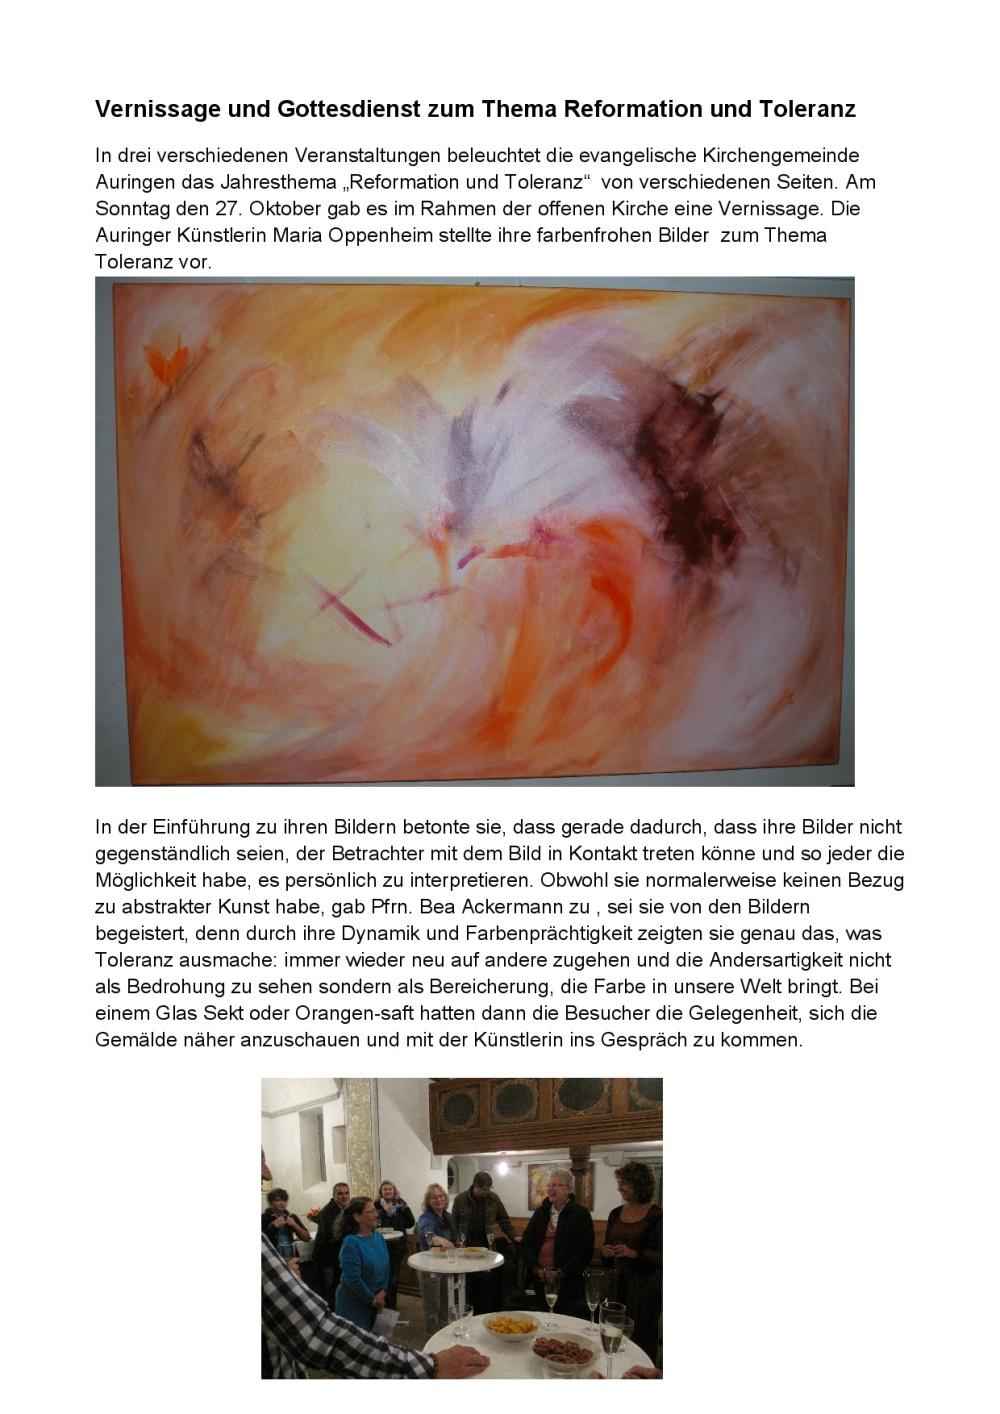 29-Reformationsgd. u. Vernissage  Toleranz 27.10.2013-001